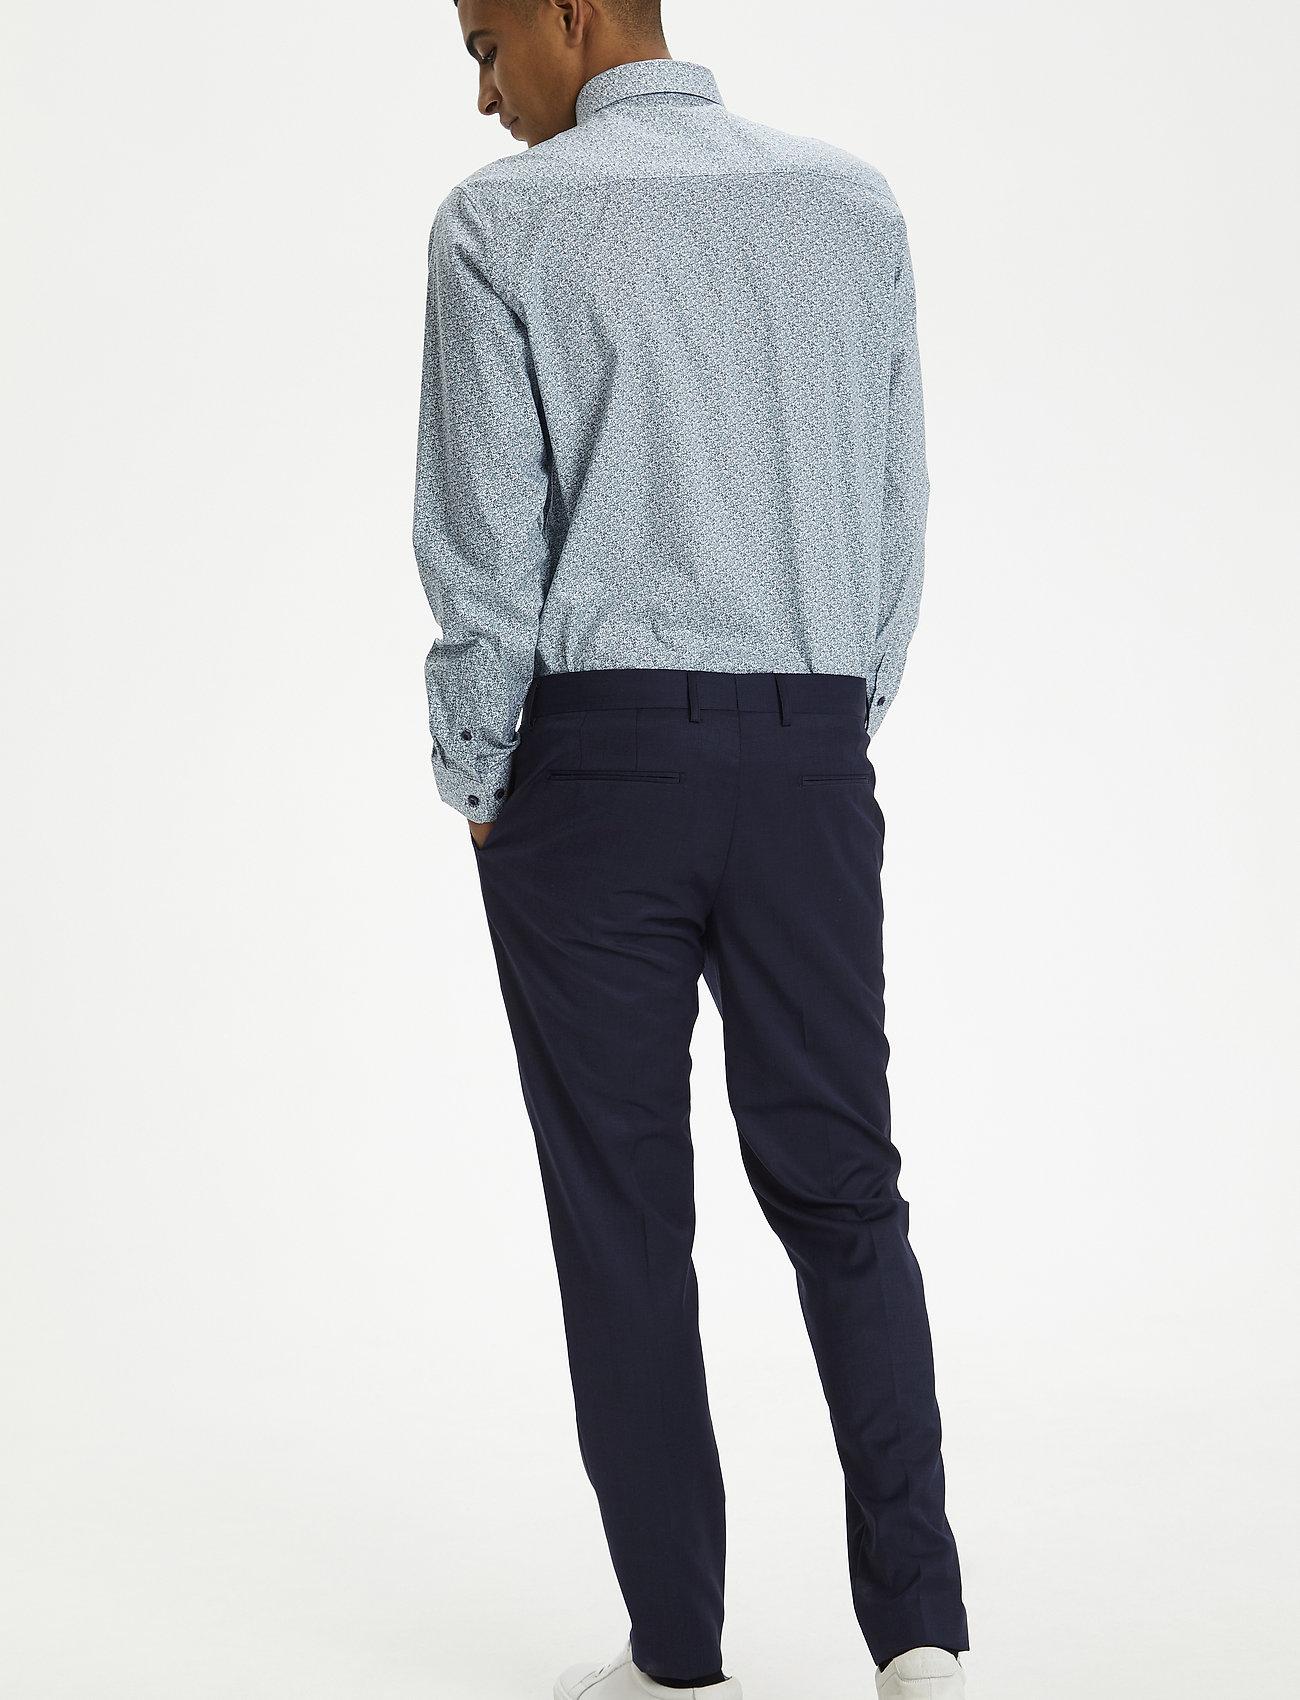 Matinique MAtrostol B3 - Skjorter DUSTY GREEN - Menn Klær